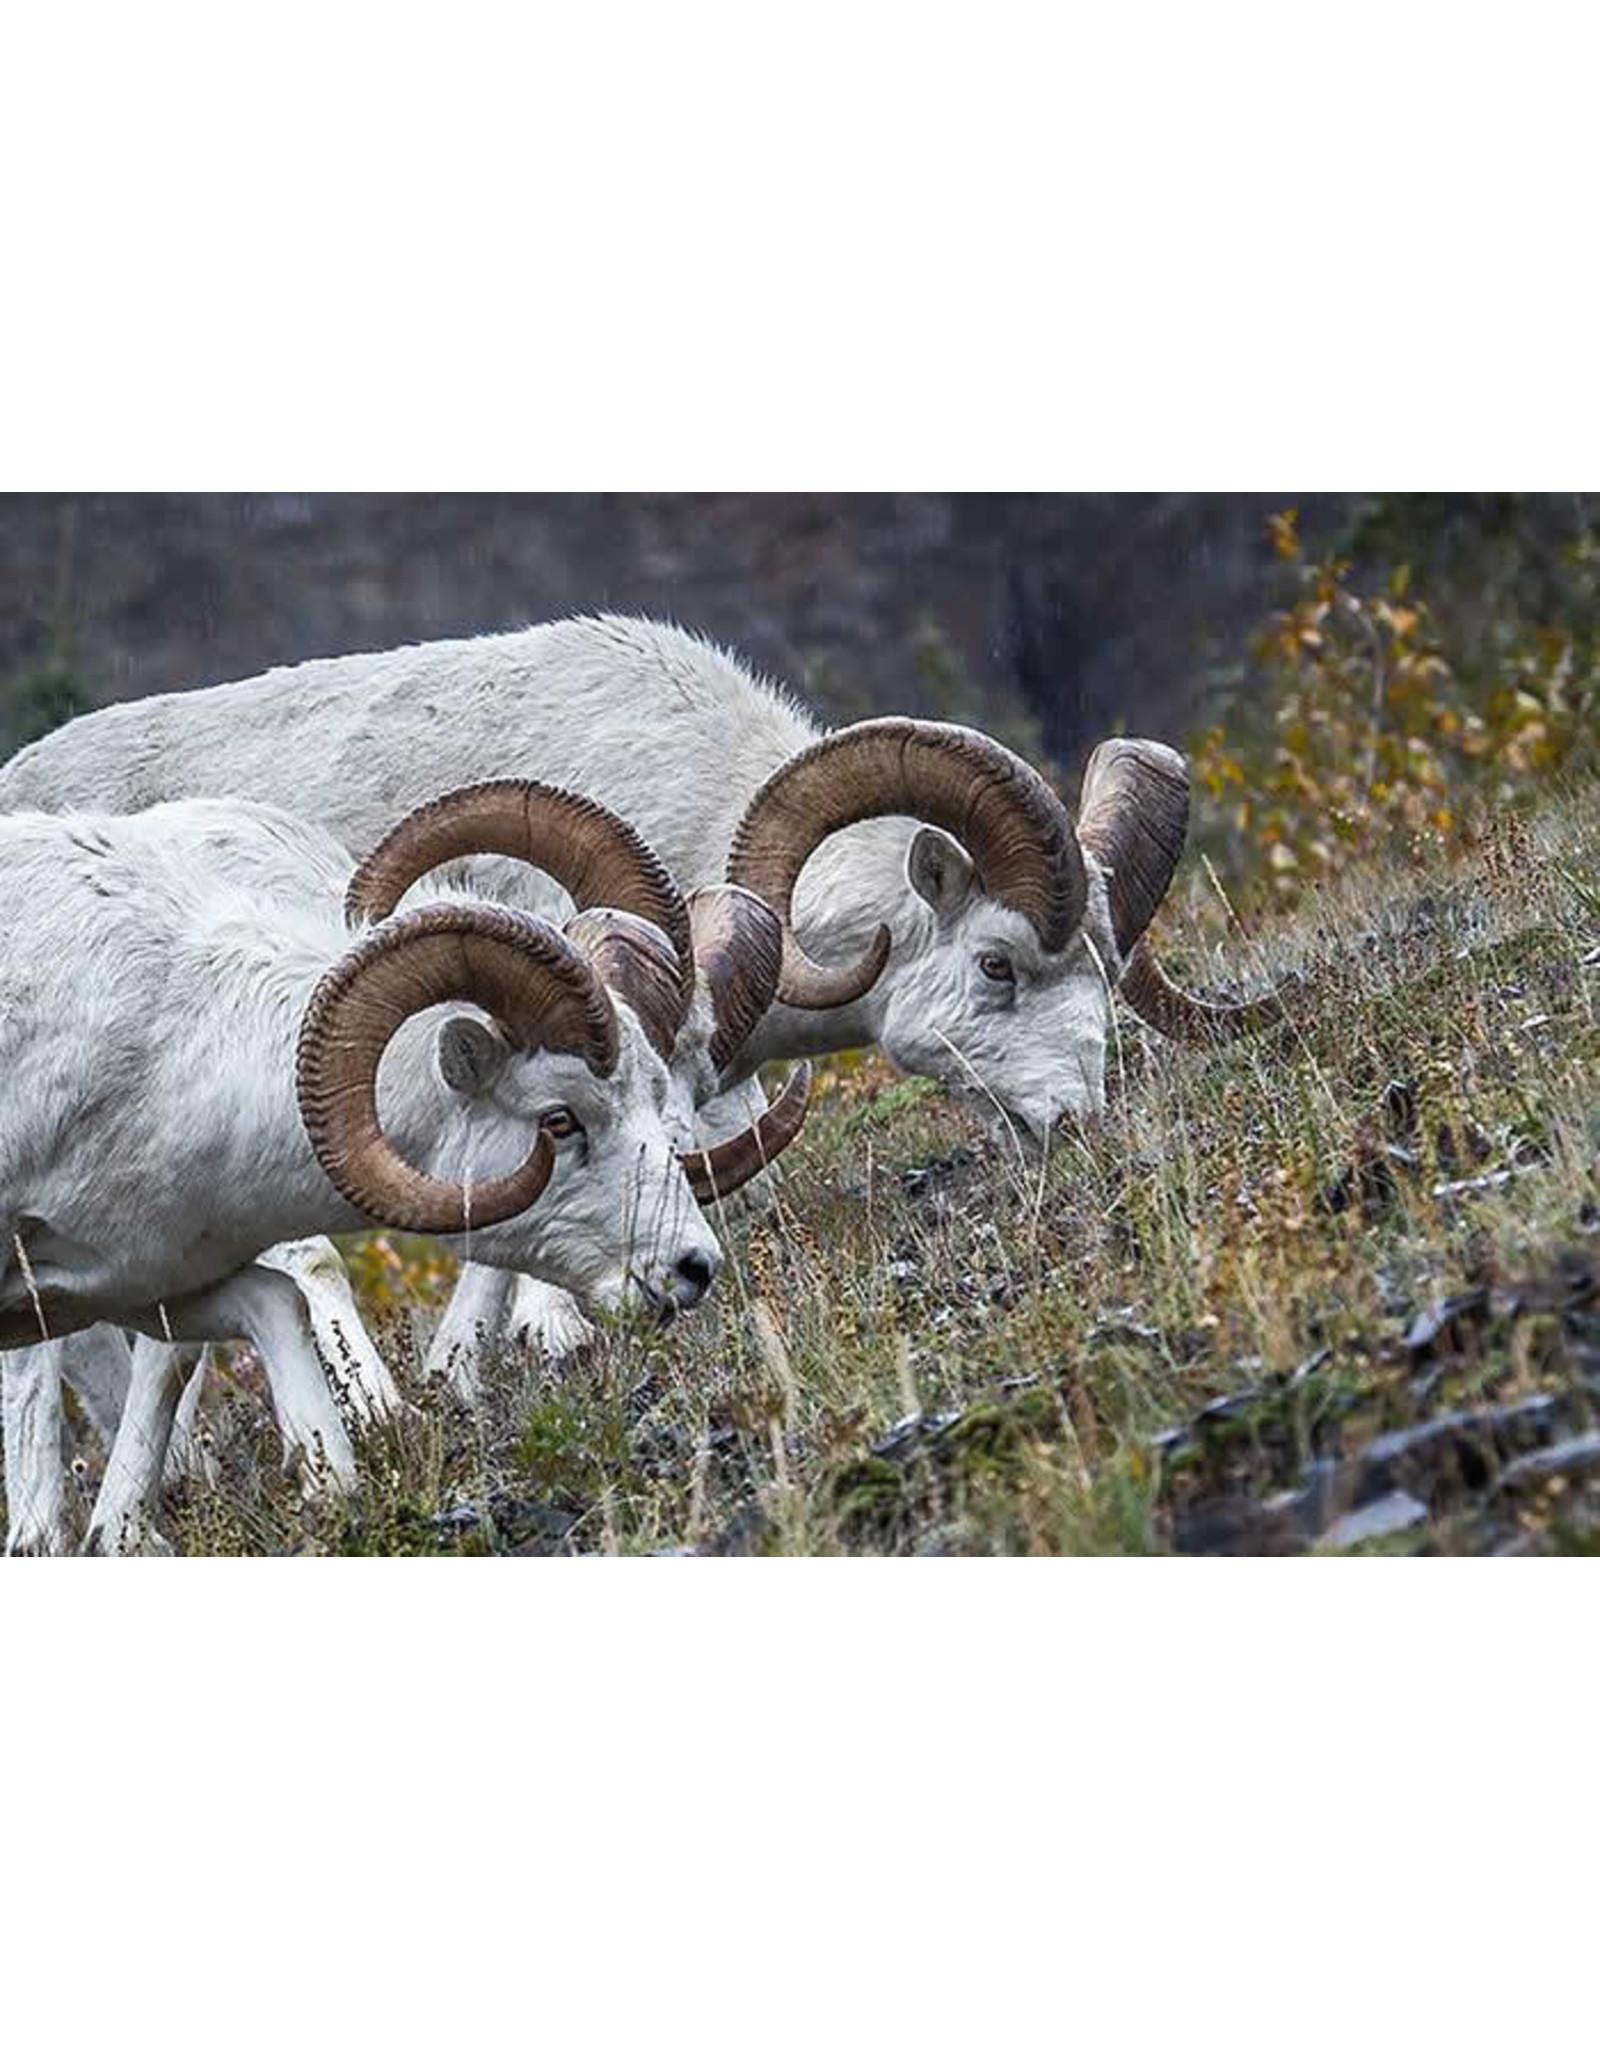 Frank Lynn Pierce Dall Sheep II | Frank Lynn Pierce